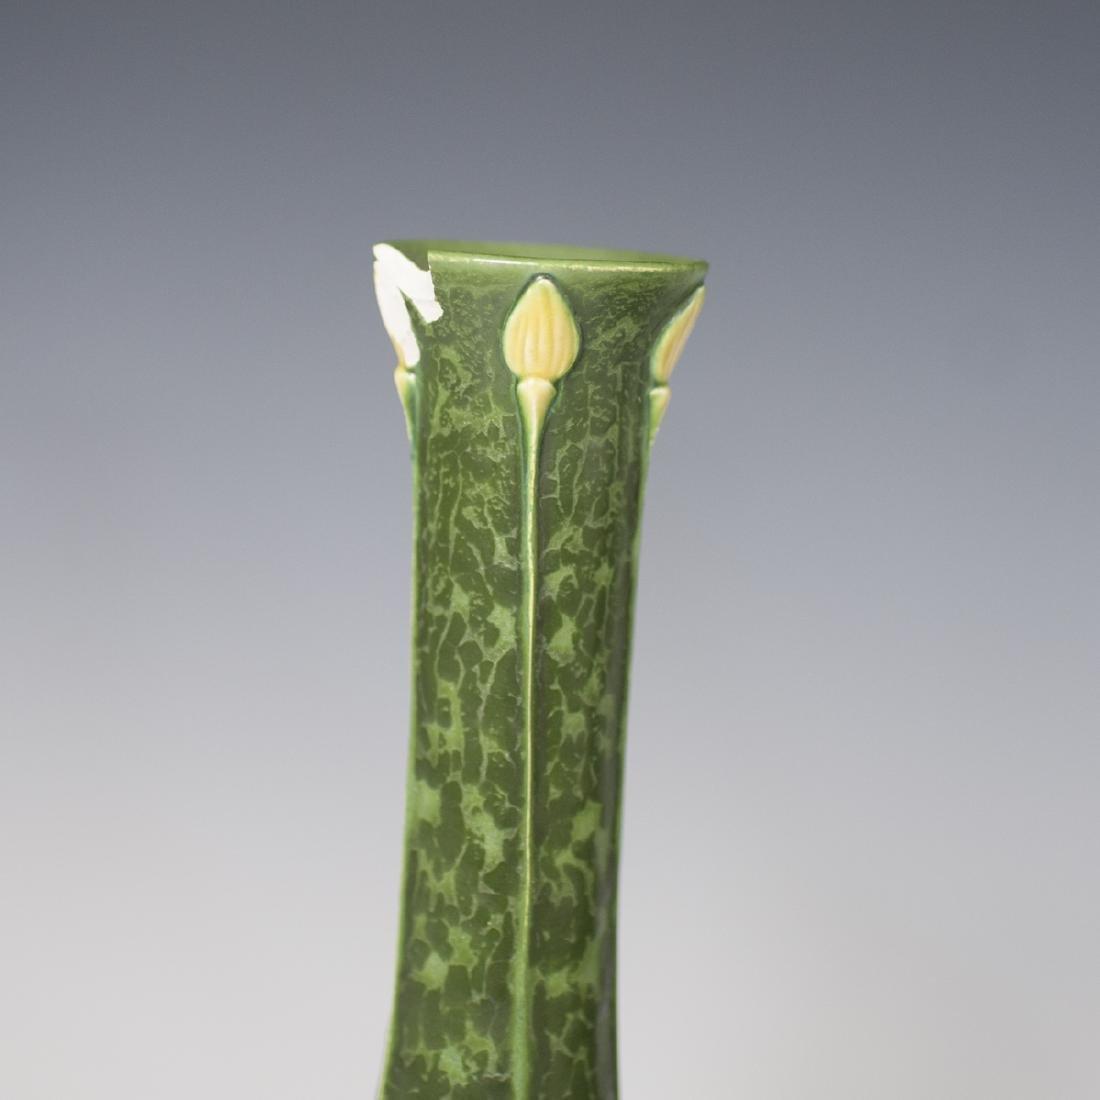 Ephraim Faience Pottery Vases - 2